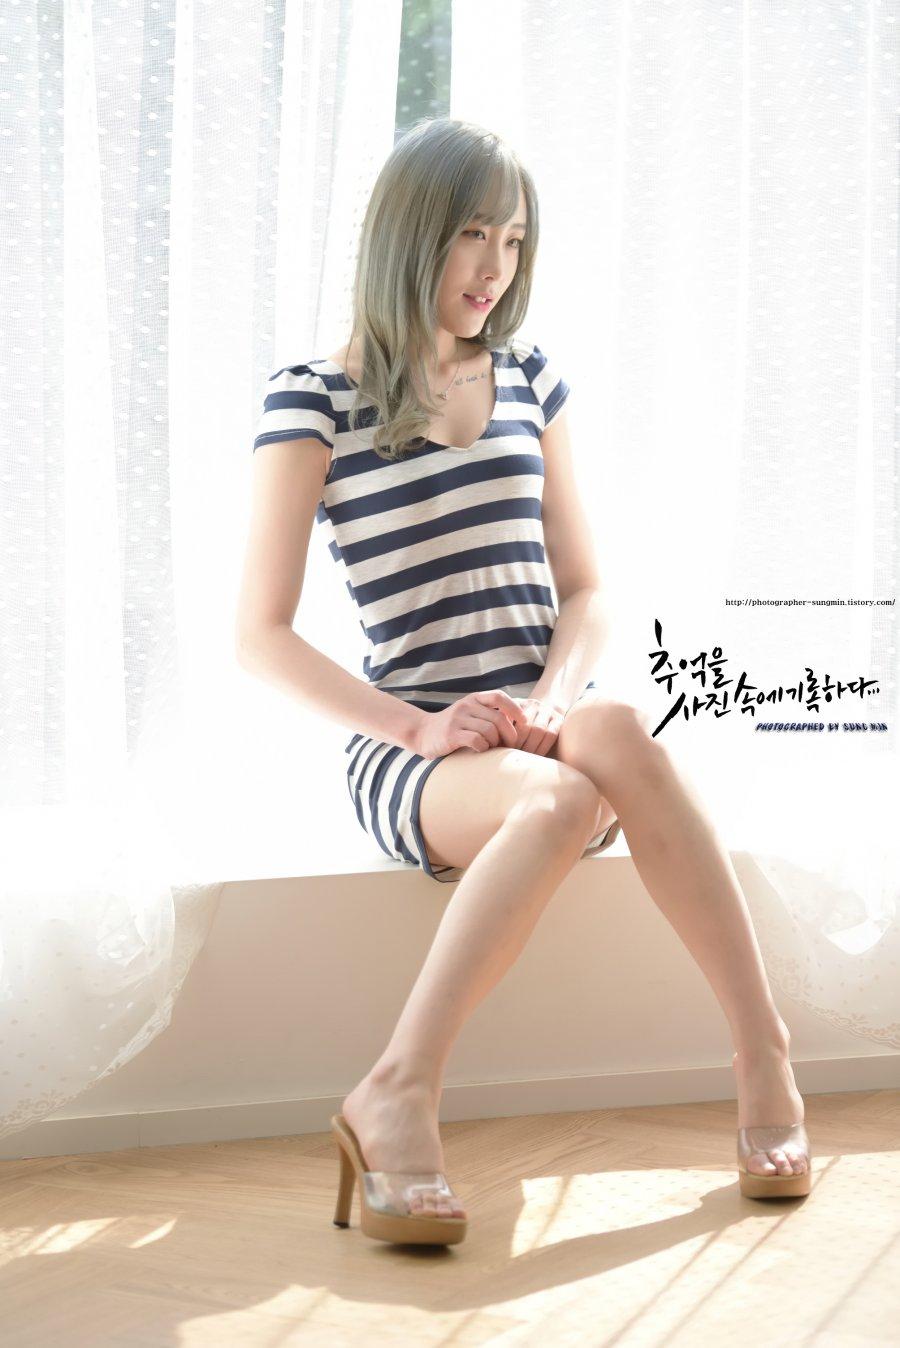 KSH_3037.jpg